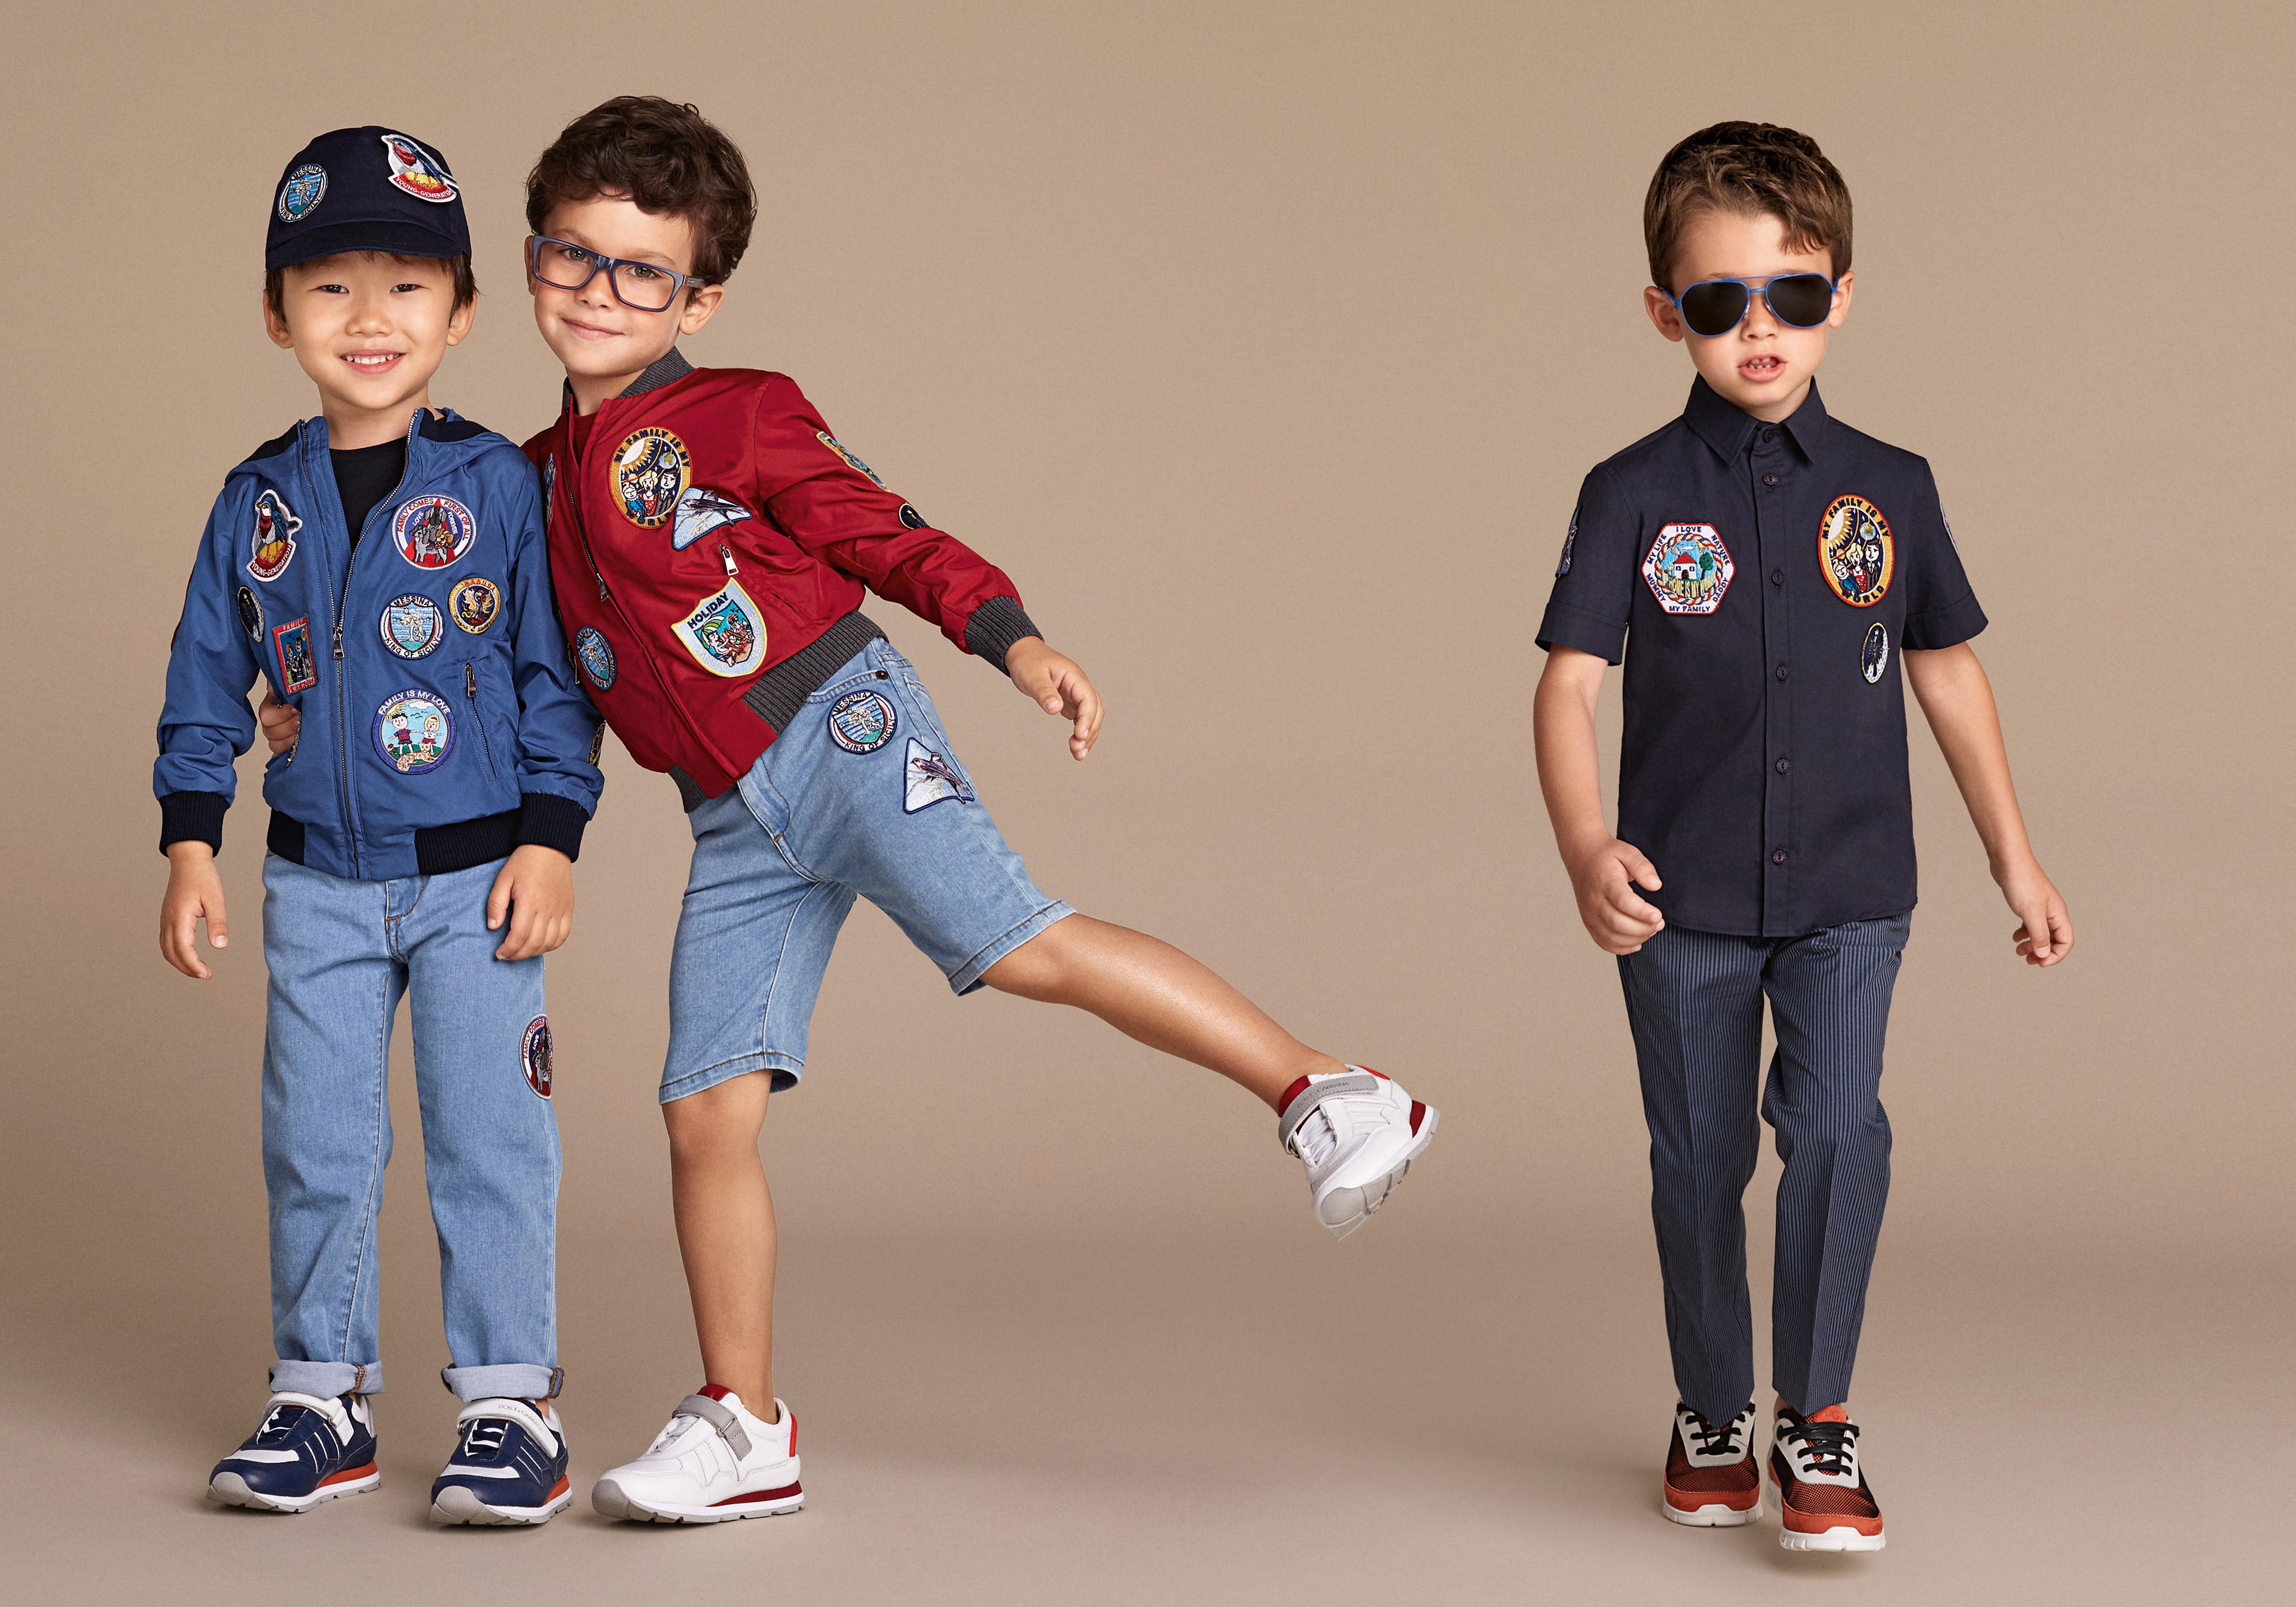 Новая коллекция для детей 2016 - футболки с джинсами и курточки с джинсами.